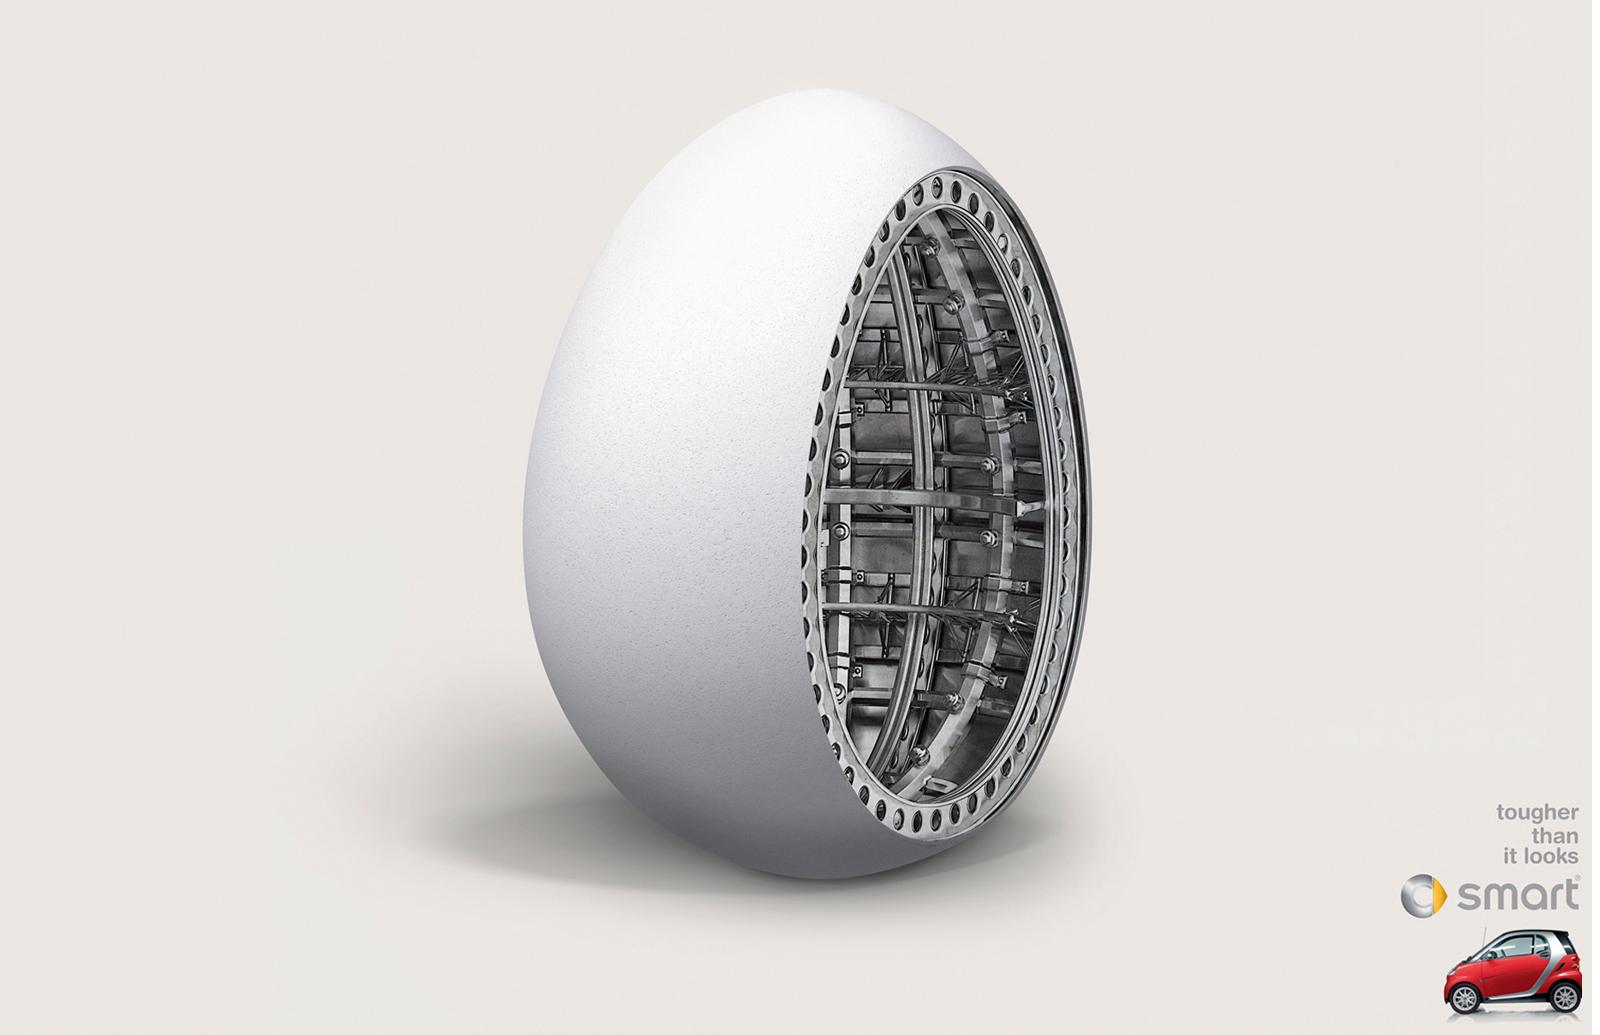 SMART_Egg.jpg